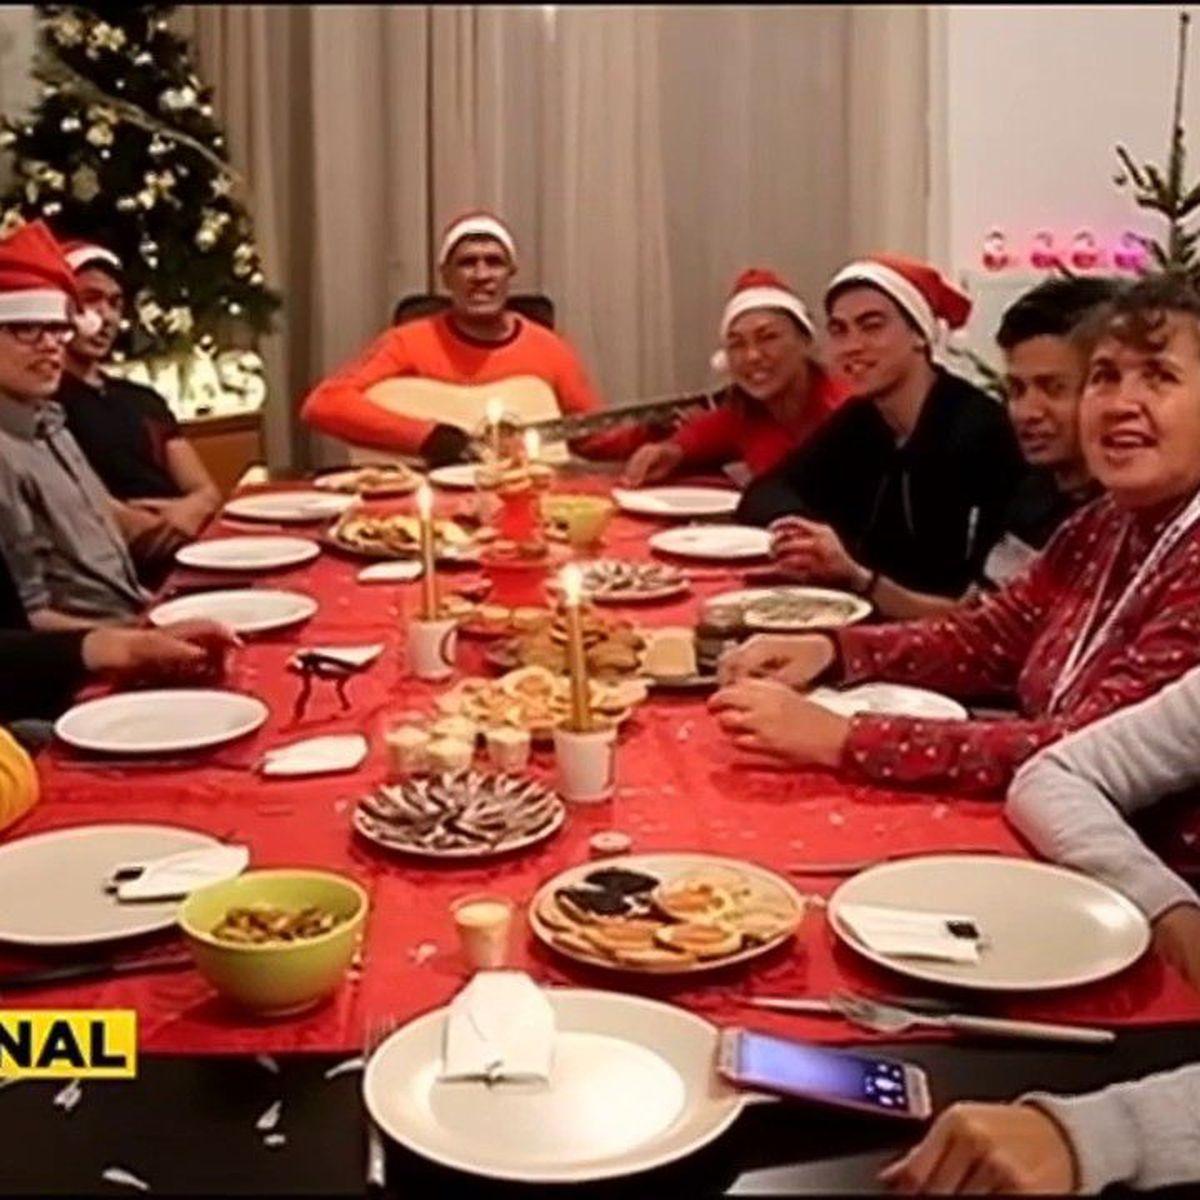 Les Traditions De Noel En Australie la fête de noël pour les tahitiens de métropole - polynésie